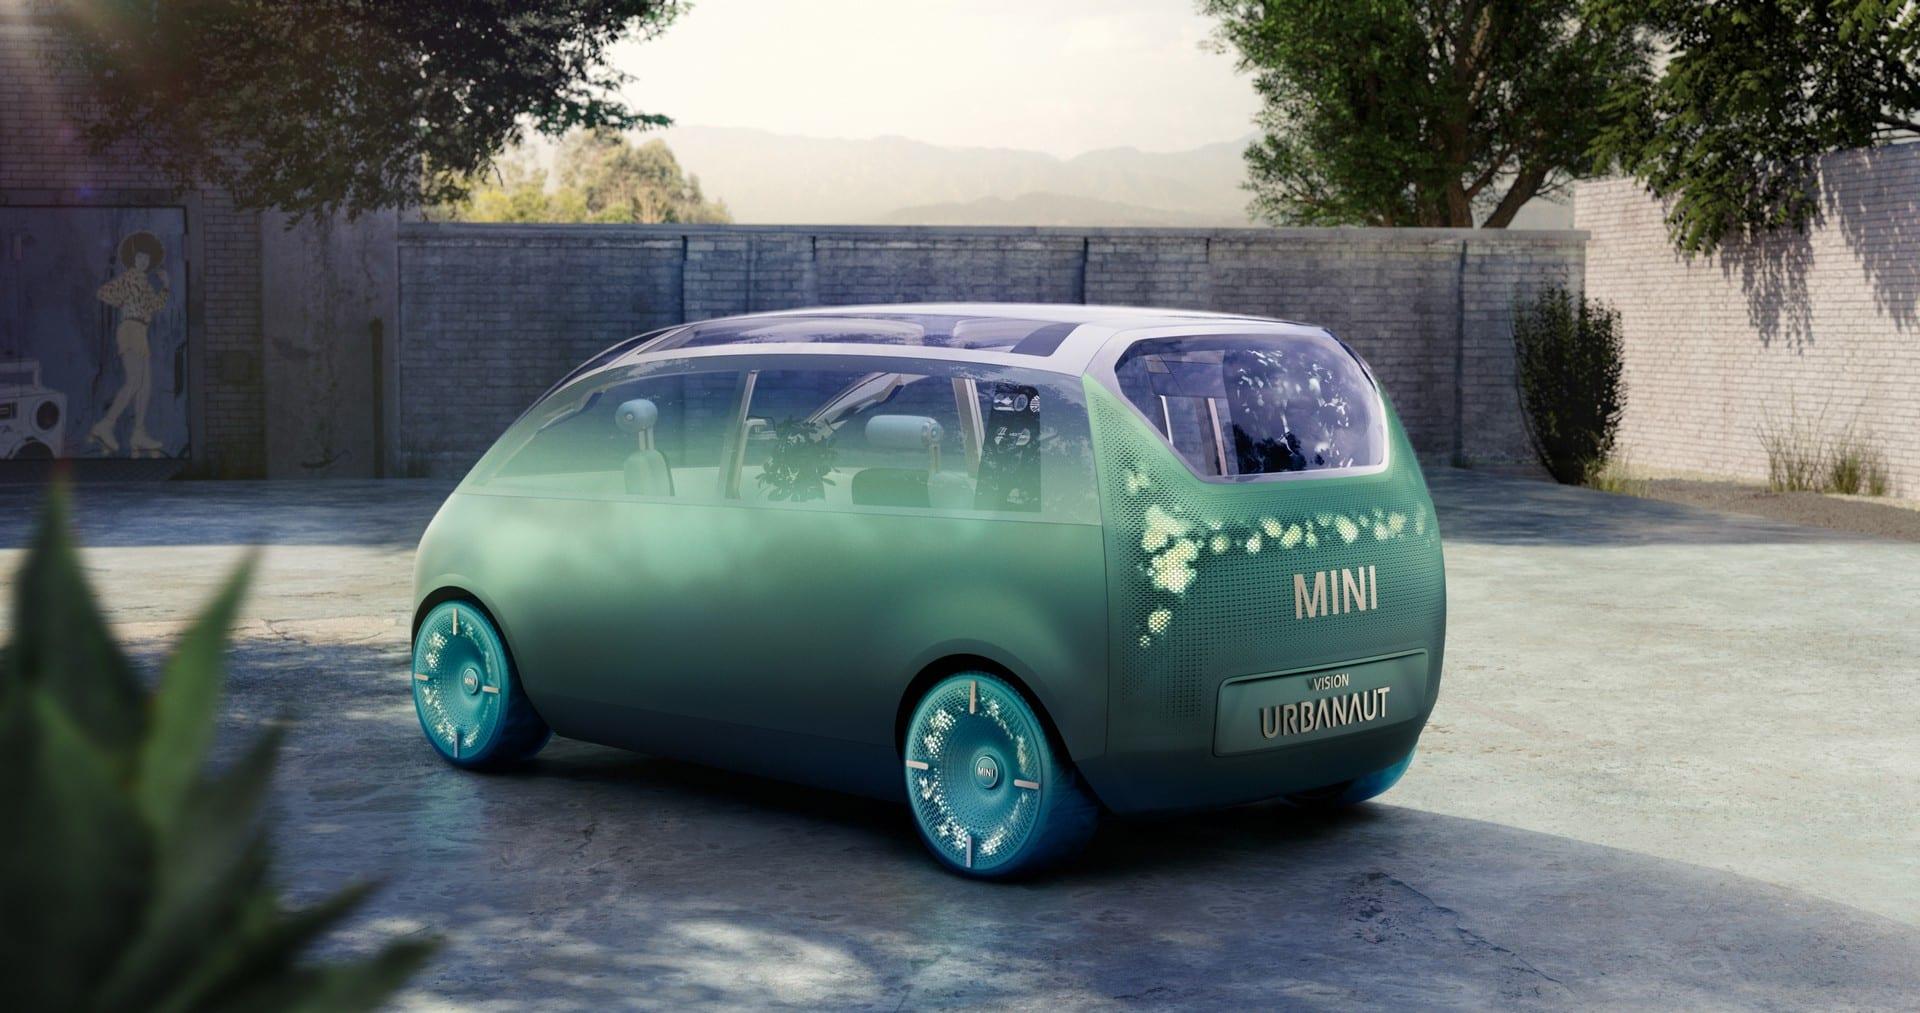 MINI Vision Urbanaut, il futuro dell'automotive secondo Volkswagen